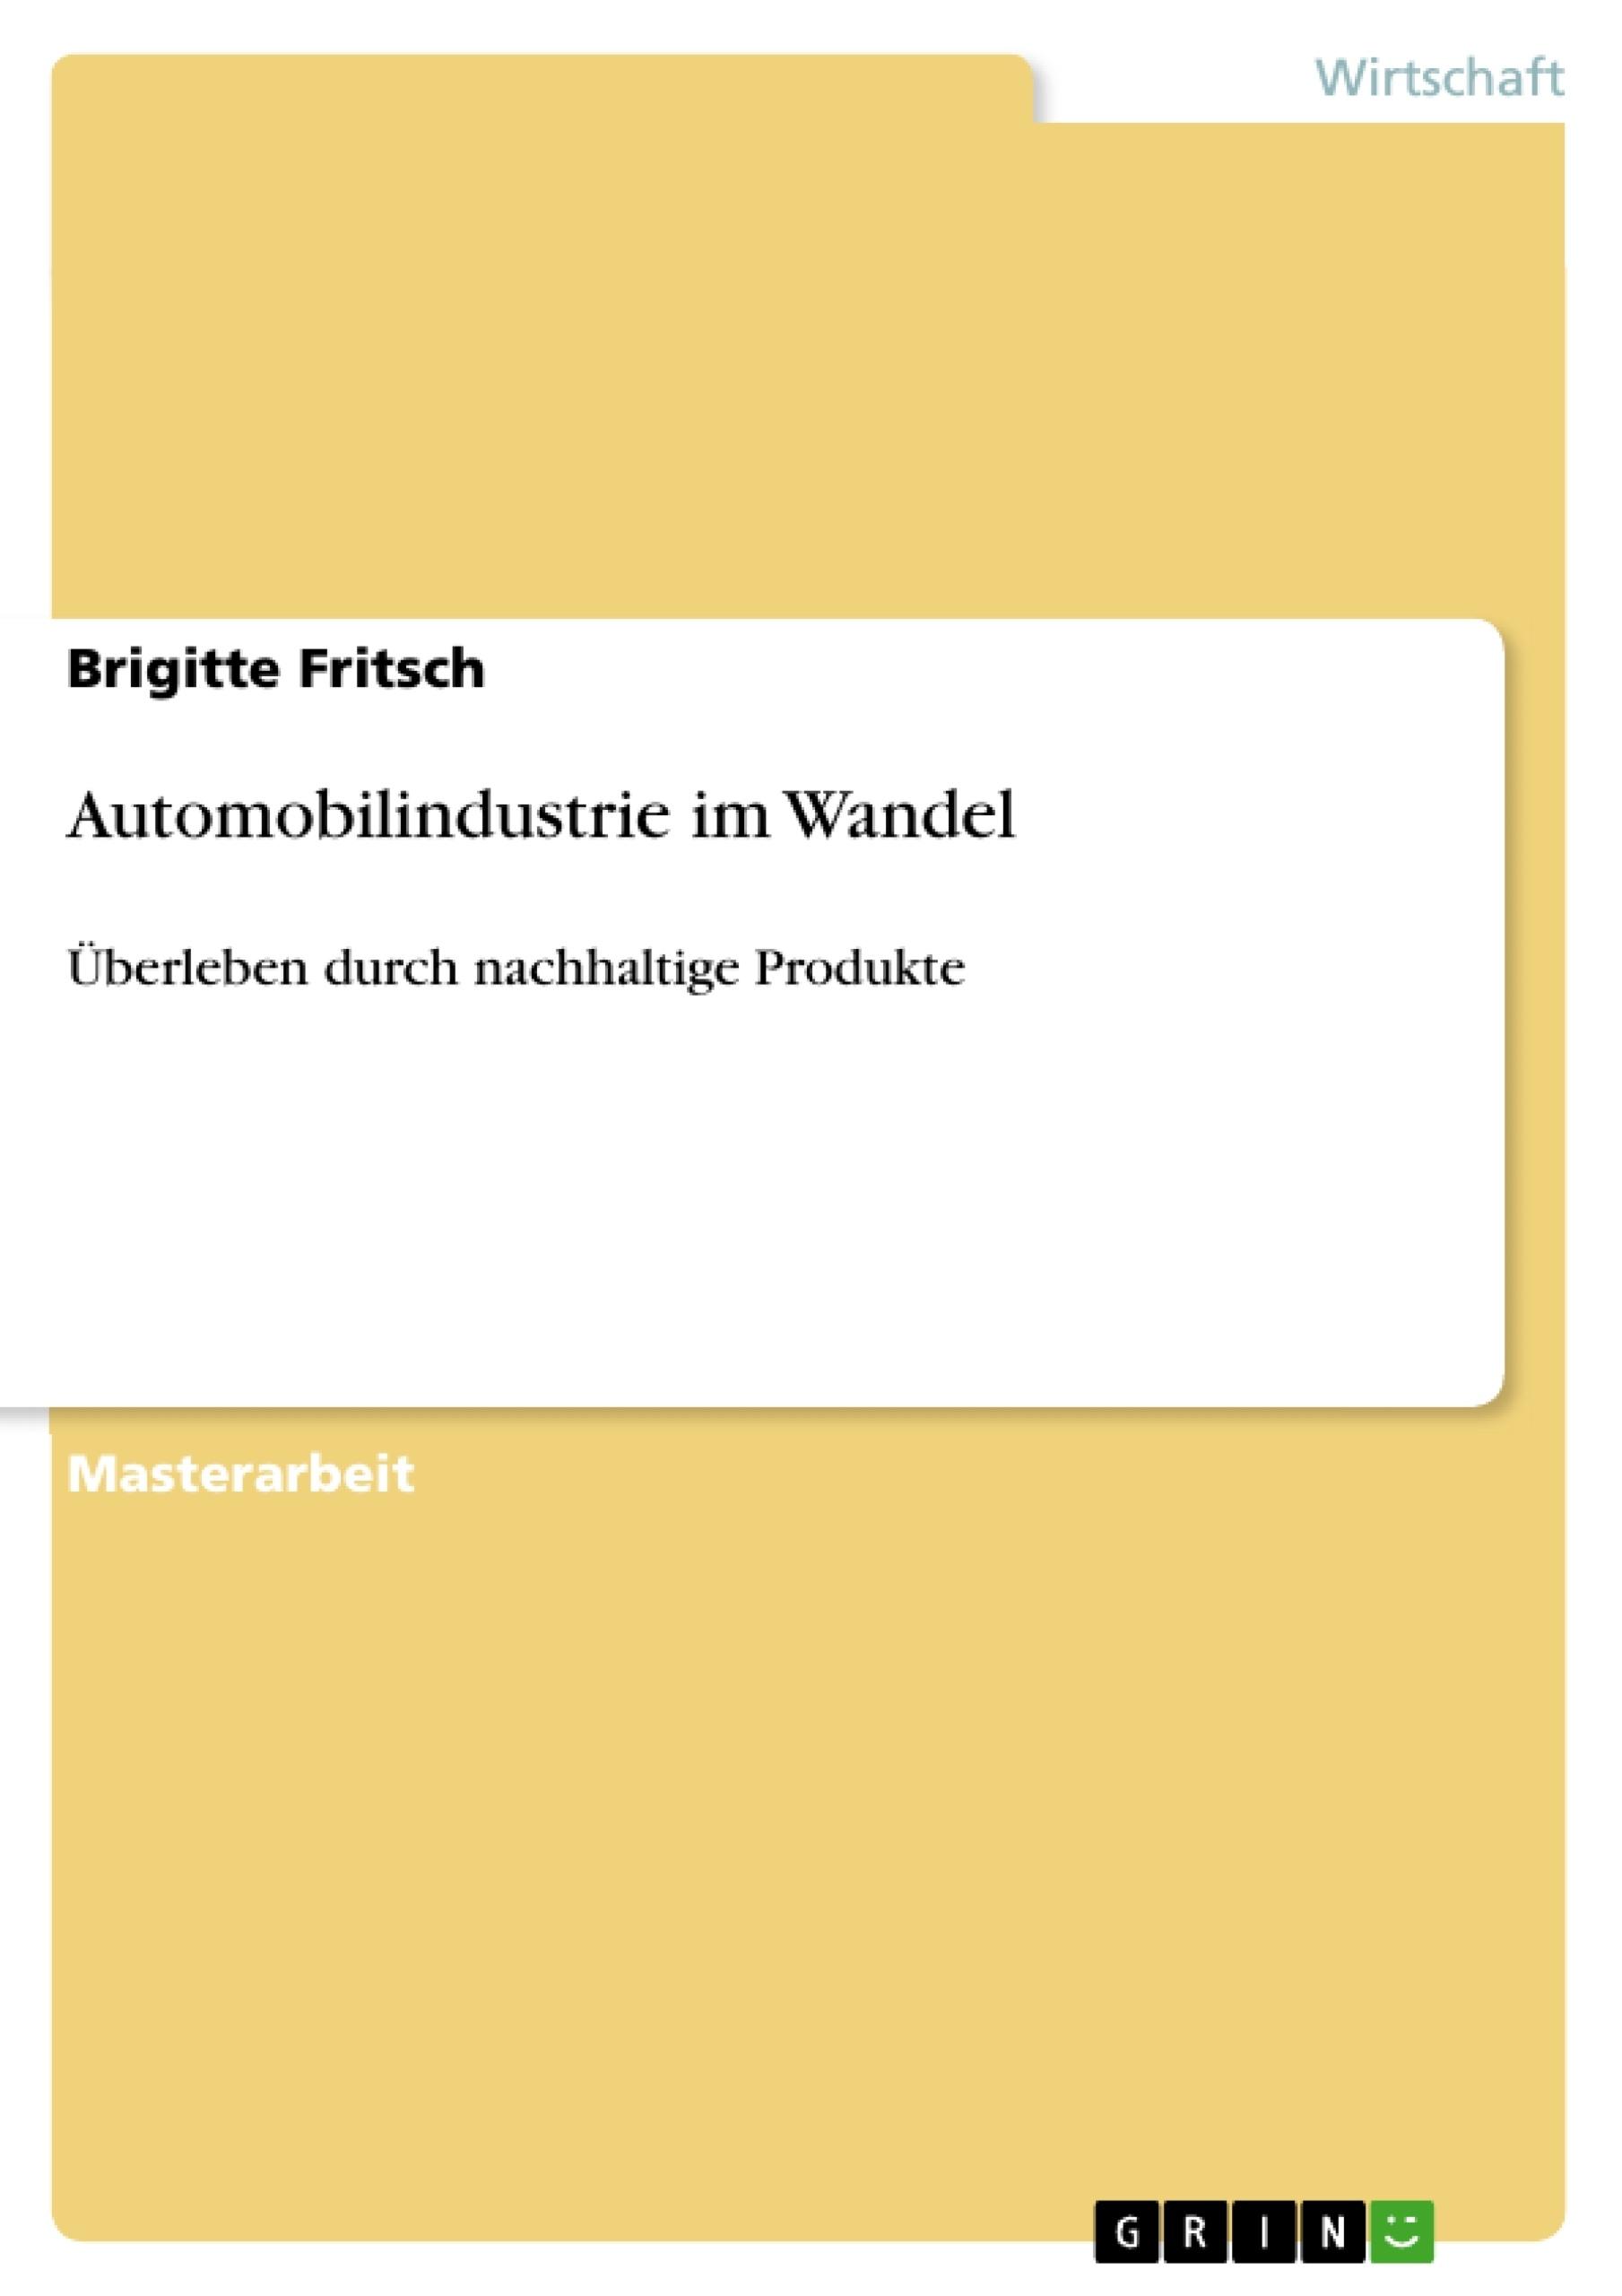 Titel: Automobilindustrie im Wandel